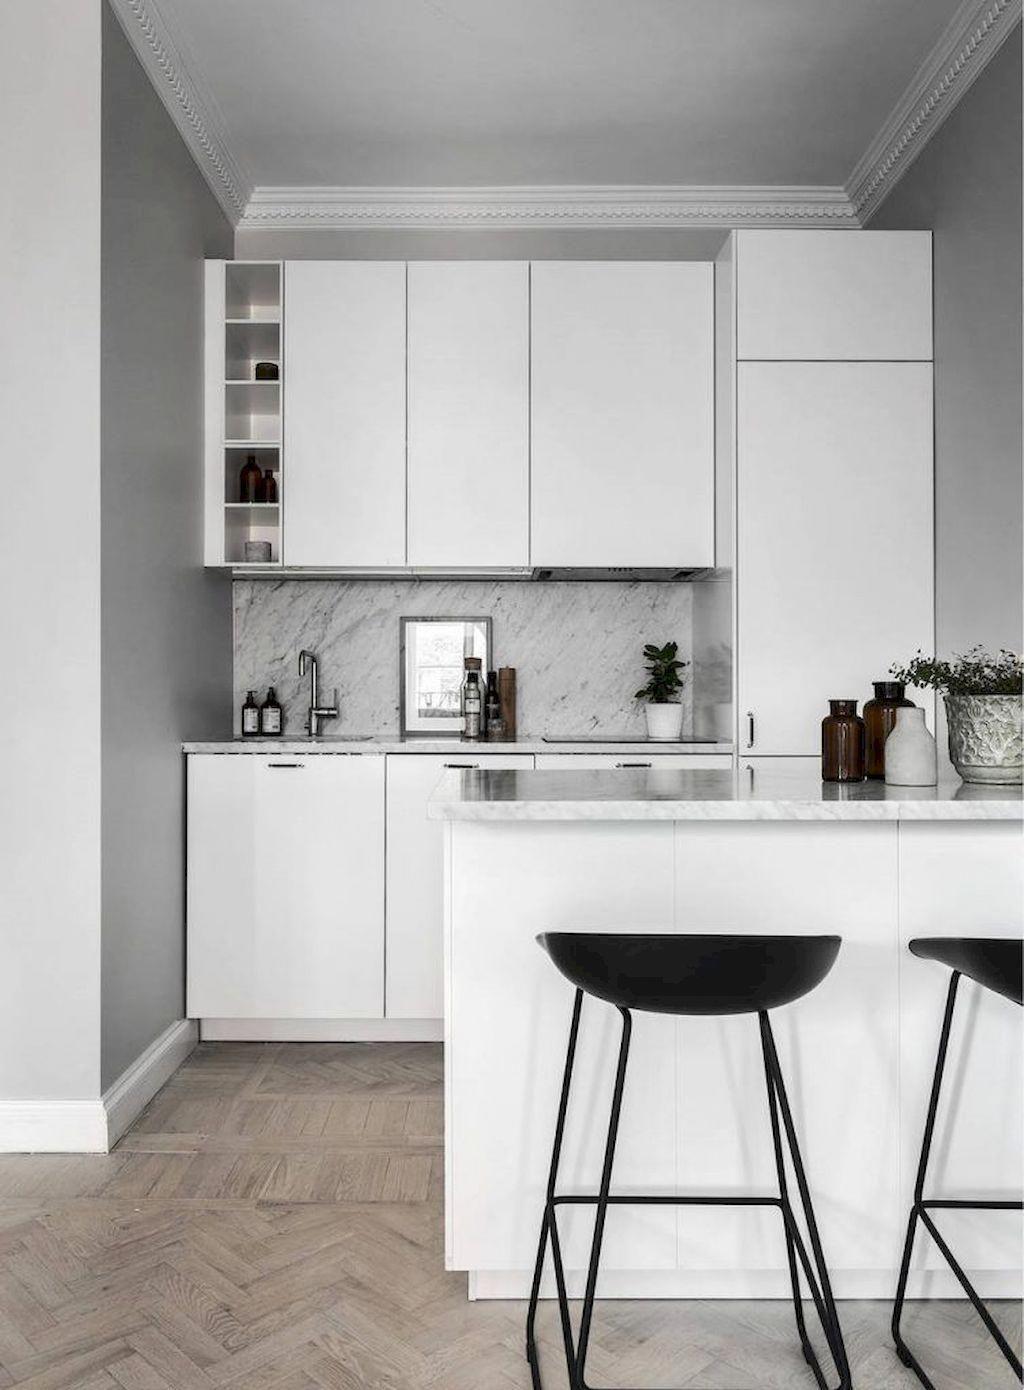 Kitchendecoridea Kleine Wohnung Kuche Kleine Kuche Bar Umbau Kleiner Kuche